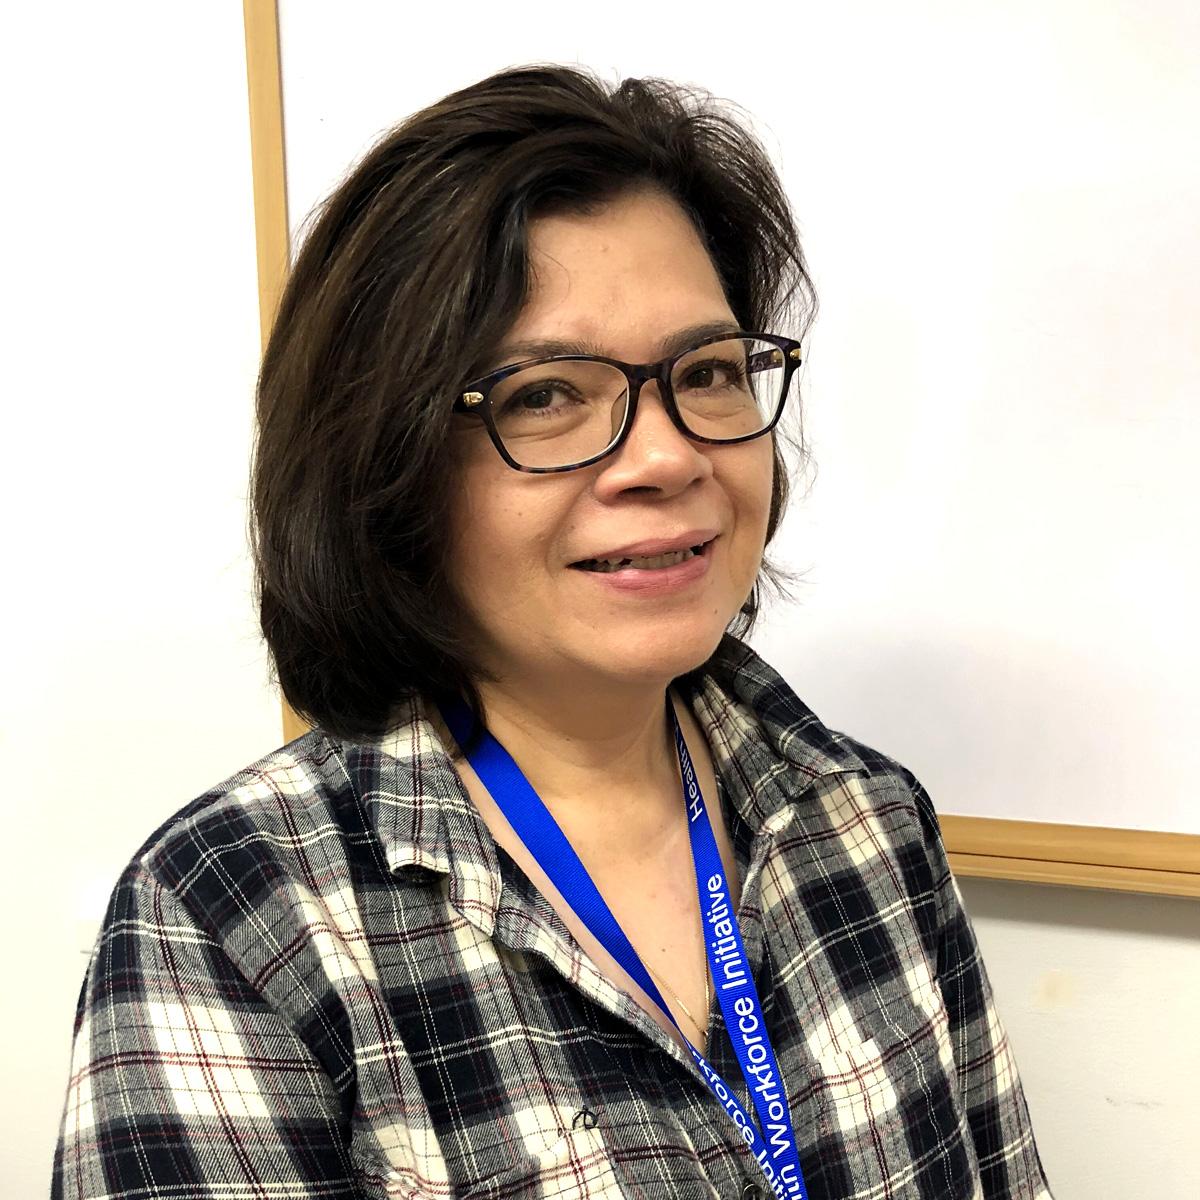 Nora Chavez